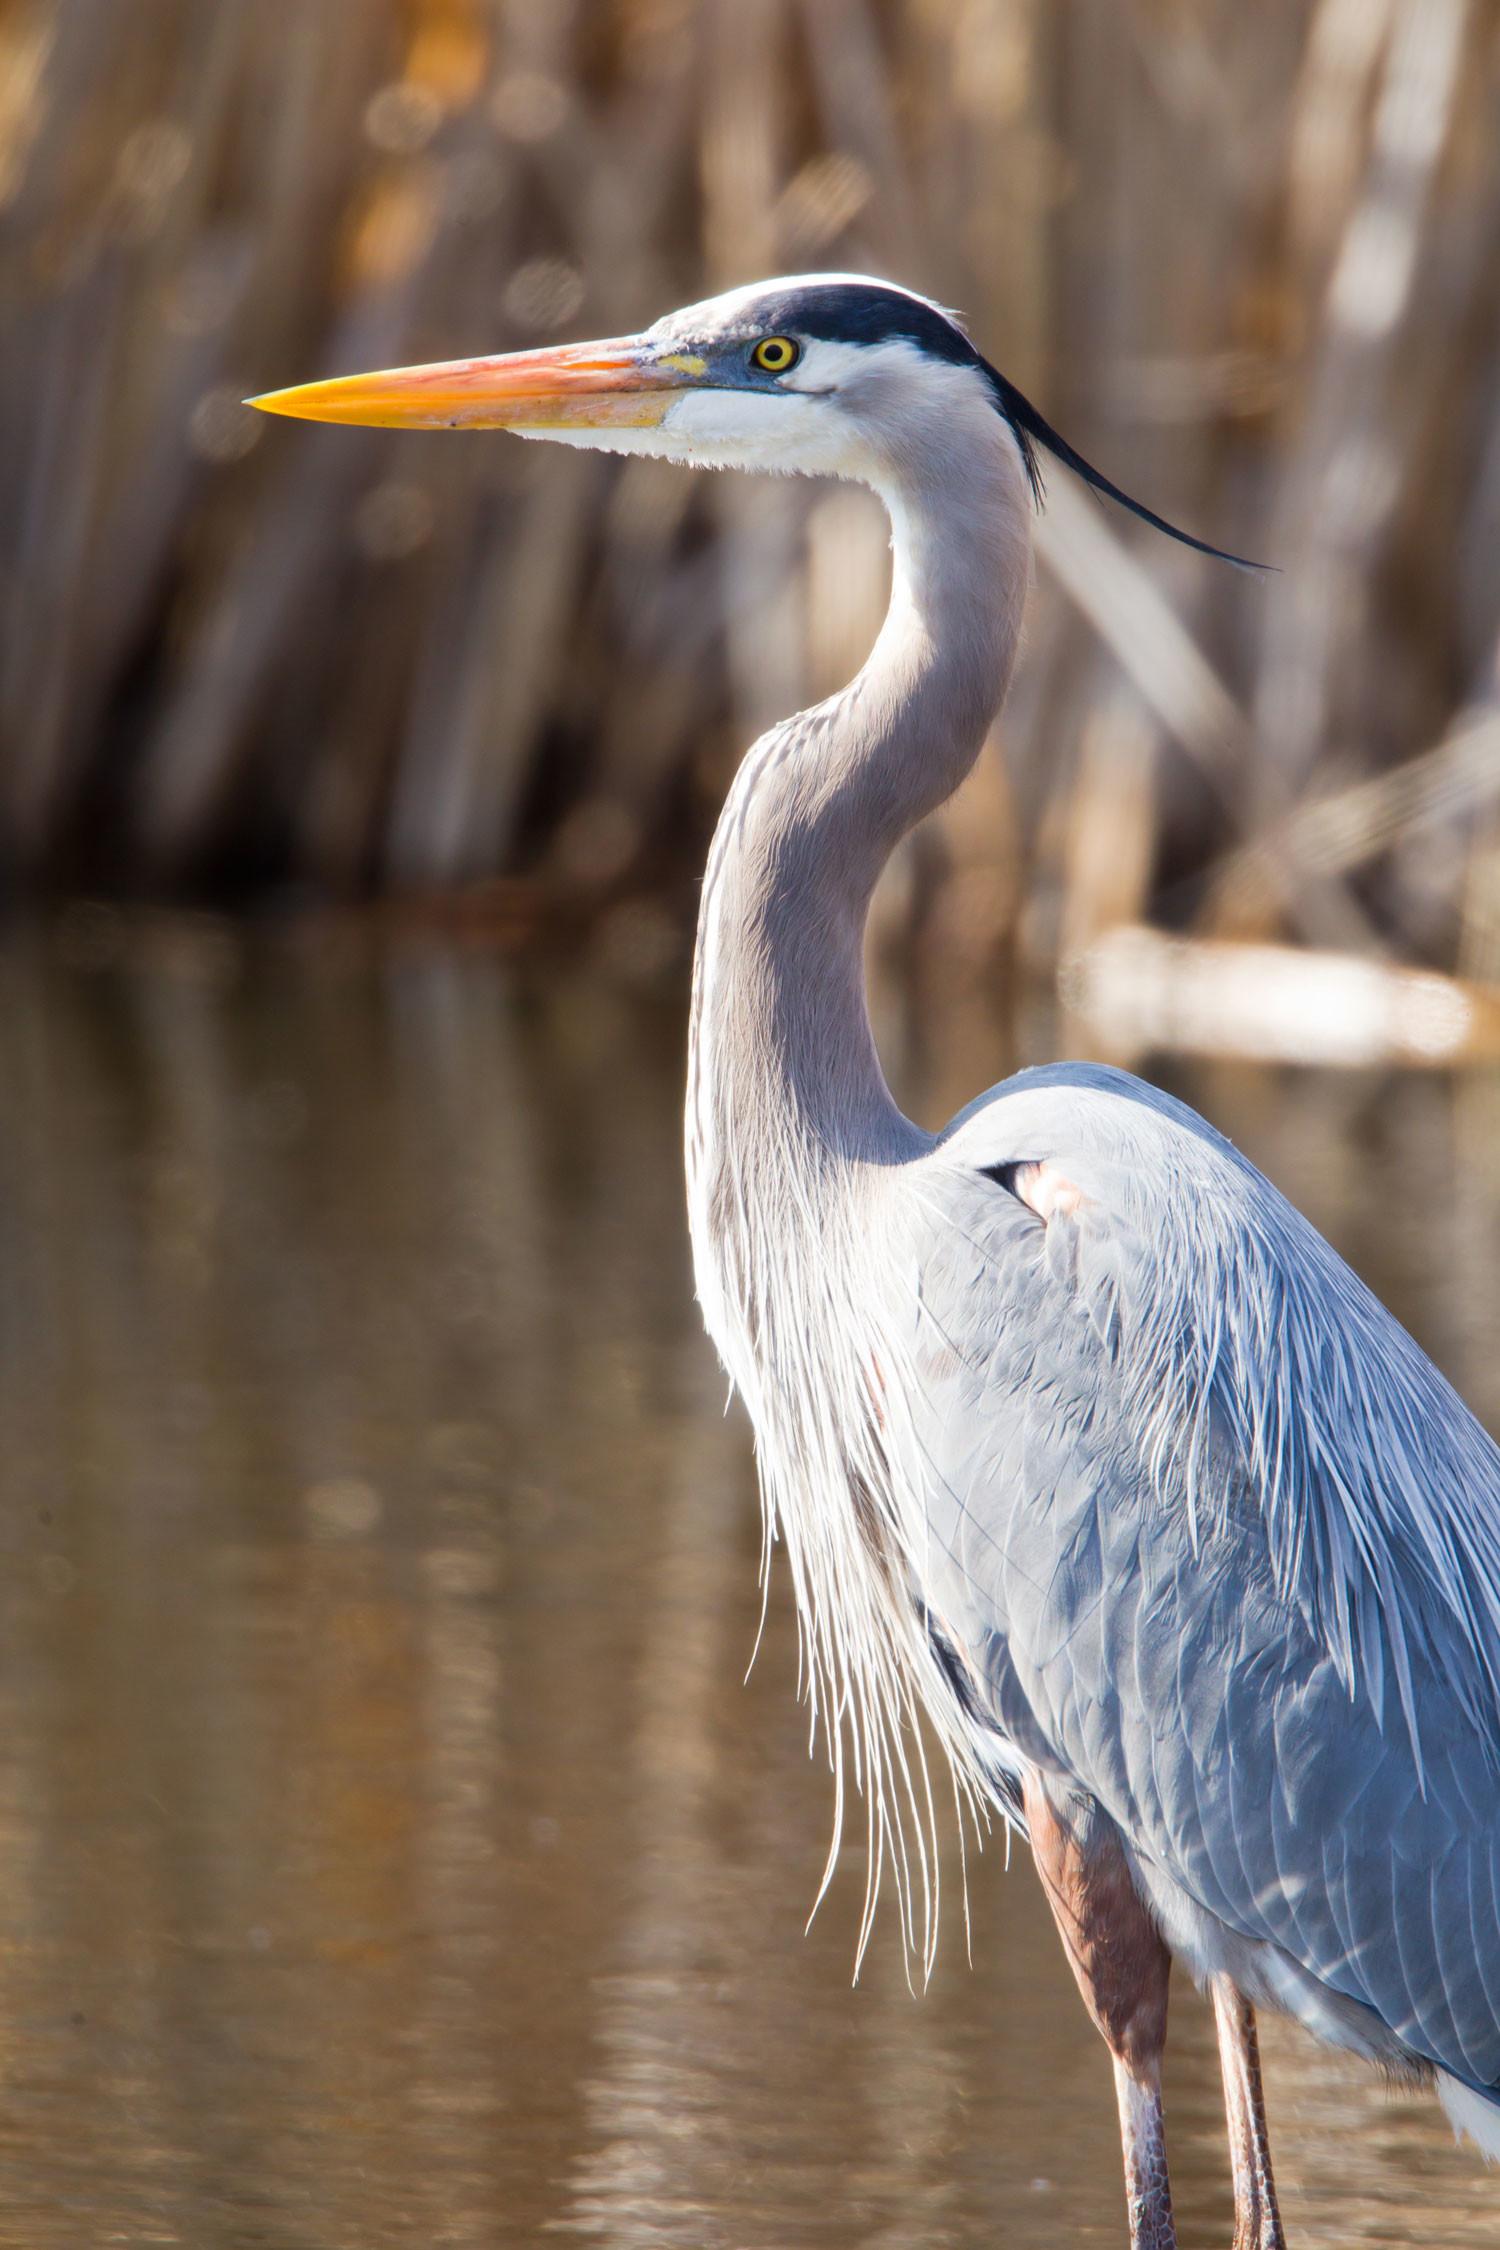 Res: 1500x2250, Heron Birds Photos